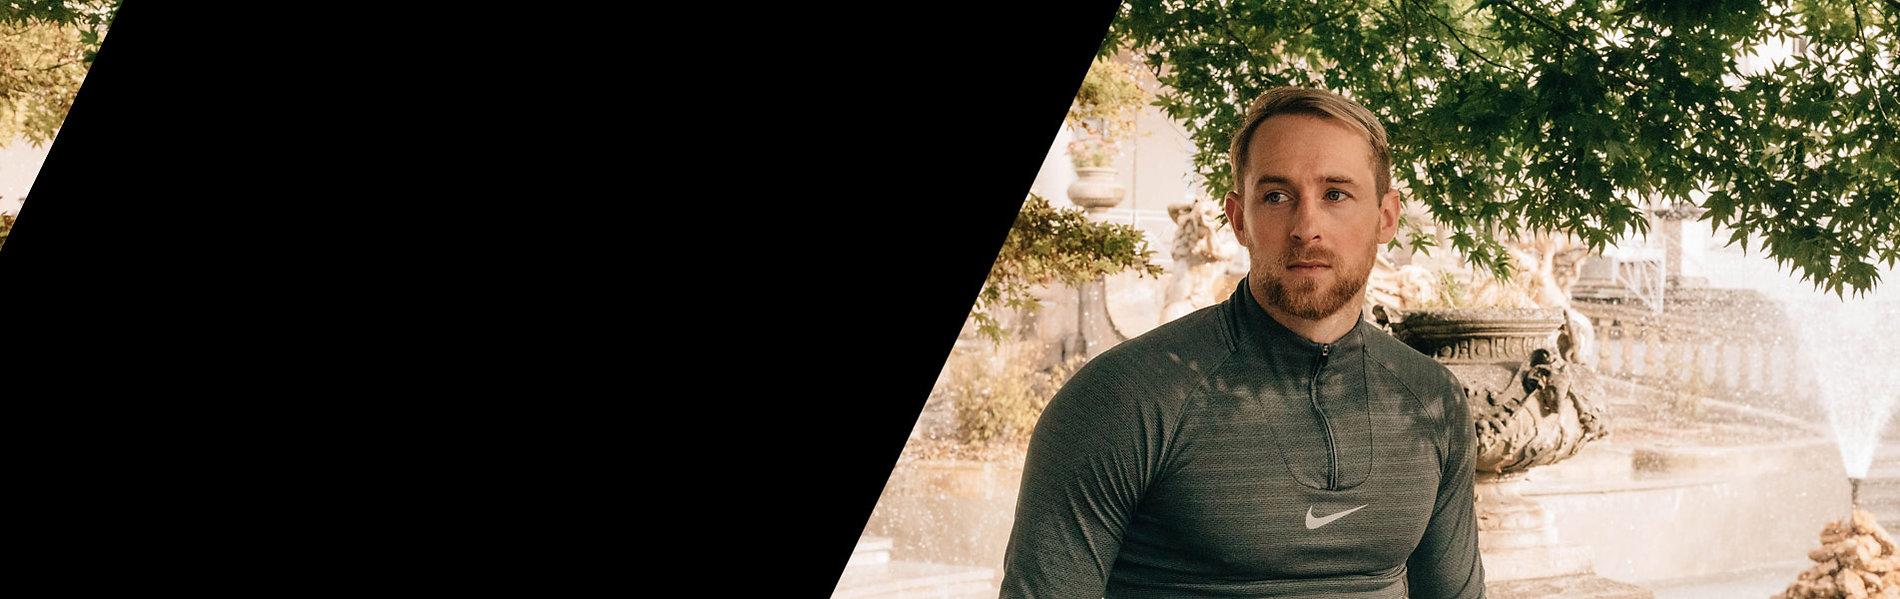 Fitness-Banner.jpg